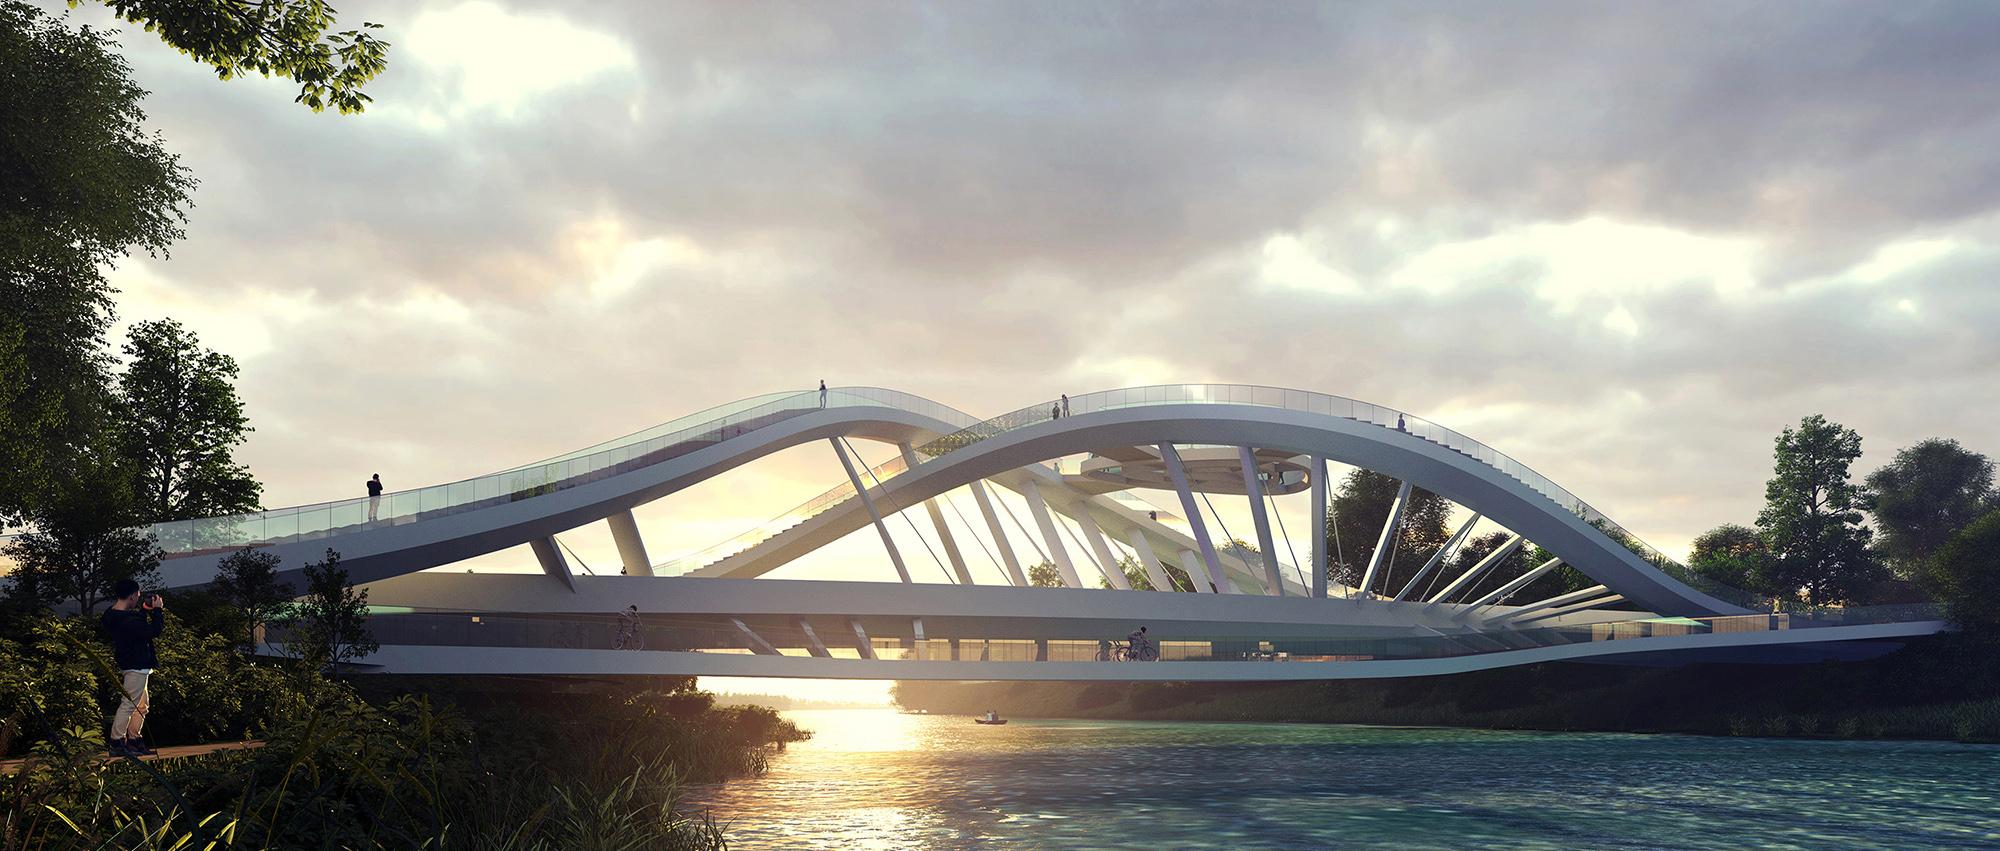 多维桥梁:巴尼亚卢卡多拉克社区桥梁国际竞赛